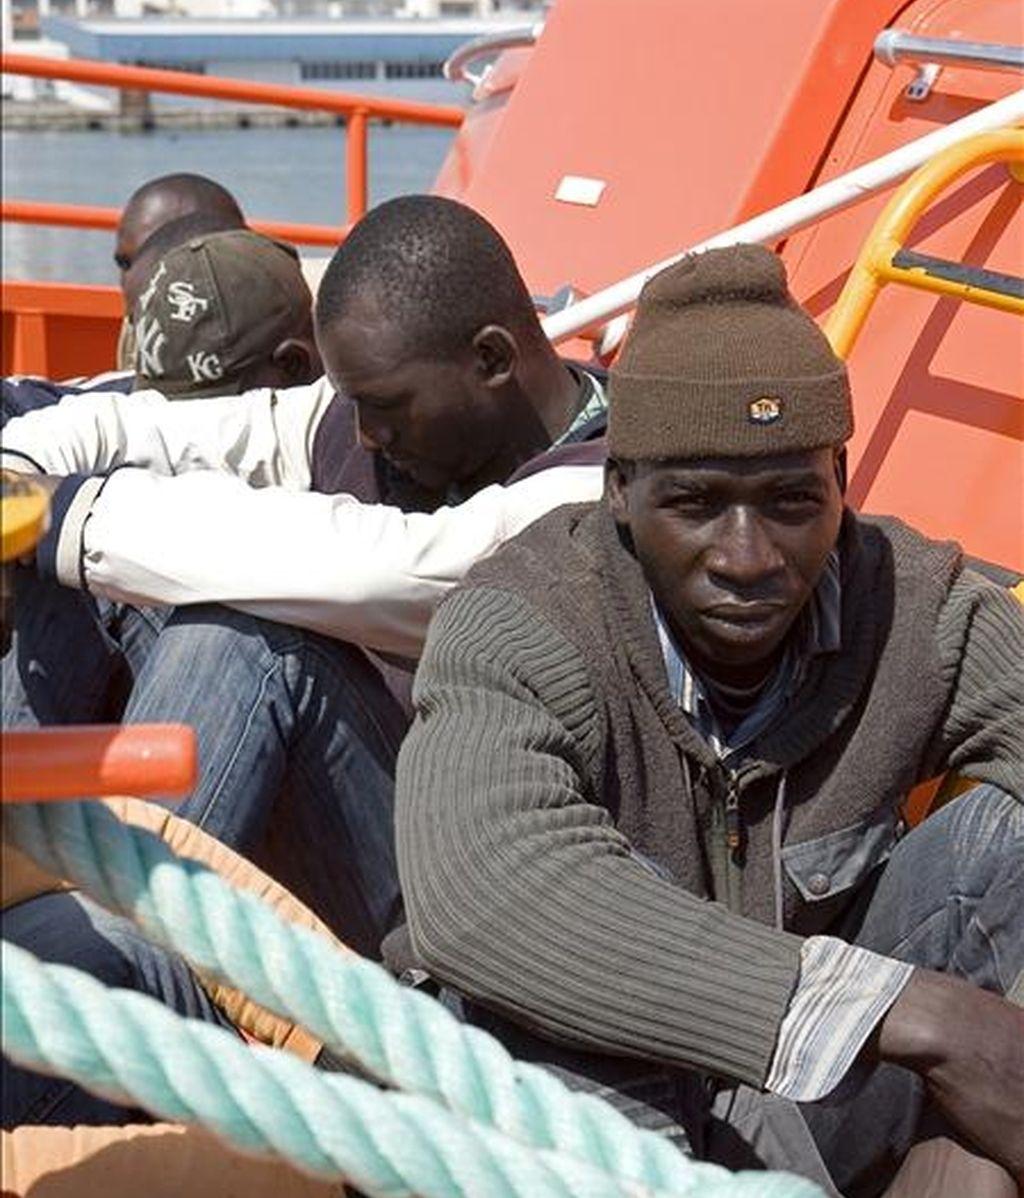 Inmigrantes en un patera. EFE/Archivo